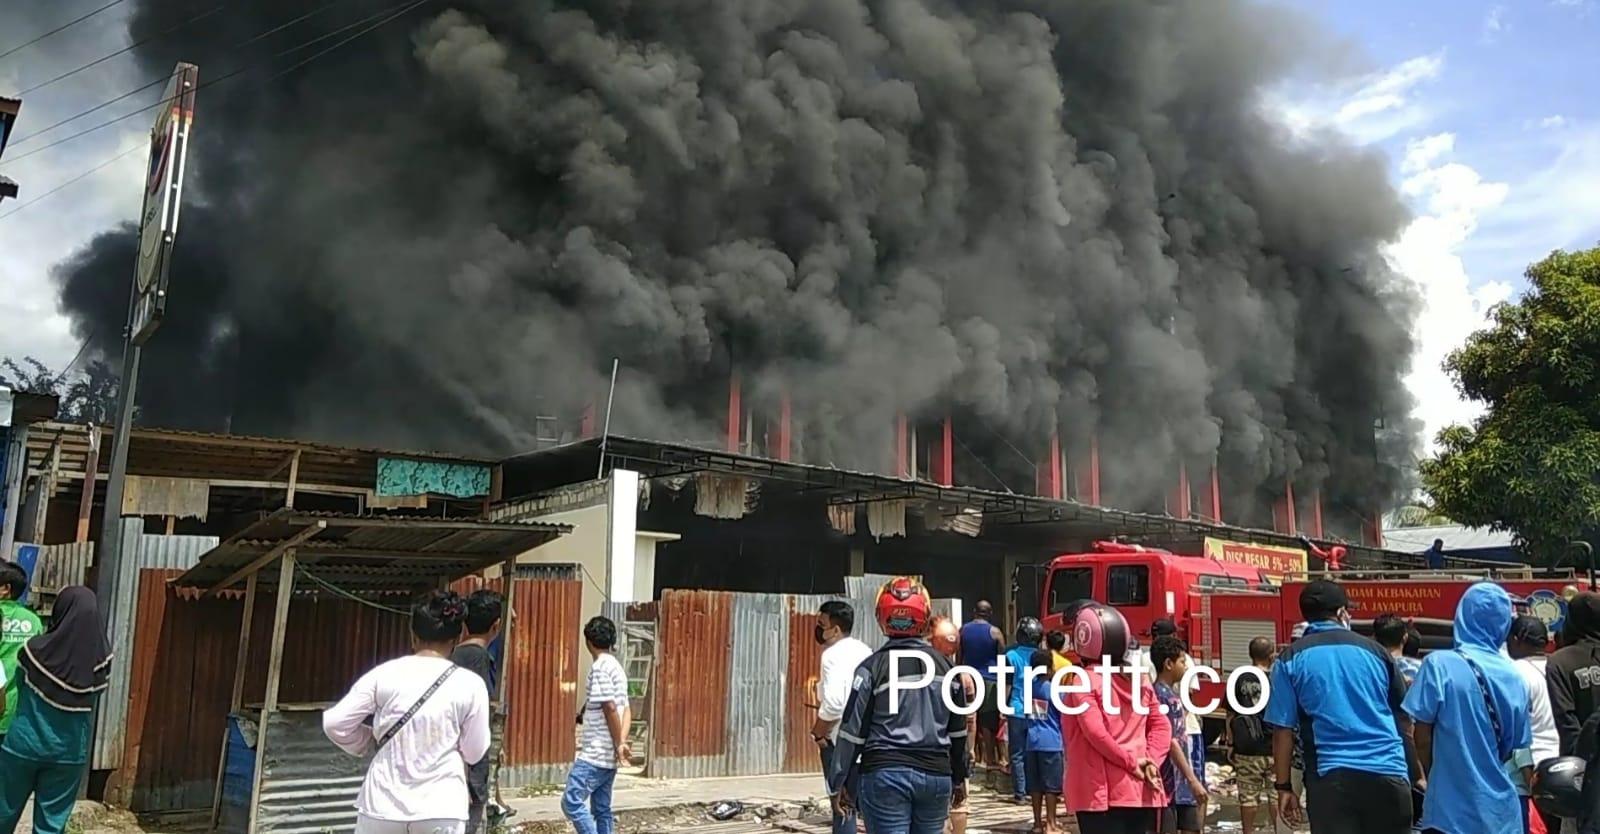 """""""Kami masih di TKK (tempat kejadian kebakaran), tadi kami turunkan semuanya. AWC (supply) tiga unit, jadi kita masih di lokasi. Mobil (armada) kami yang berjumlah tujuh unit semuanya itu kami turunkan. Ada tujuh, empat penyemprot dan tiga suplay (AWC),"""" kata Kepala Bidang (Kabid) Pemadam Kebakaran (Damkar) Kota Jayapura, Margaretha Kirana ketika dikonfirmasi di lokasi kebakaran, Rabu pagi sekitar pukul 06.20 WIT."""